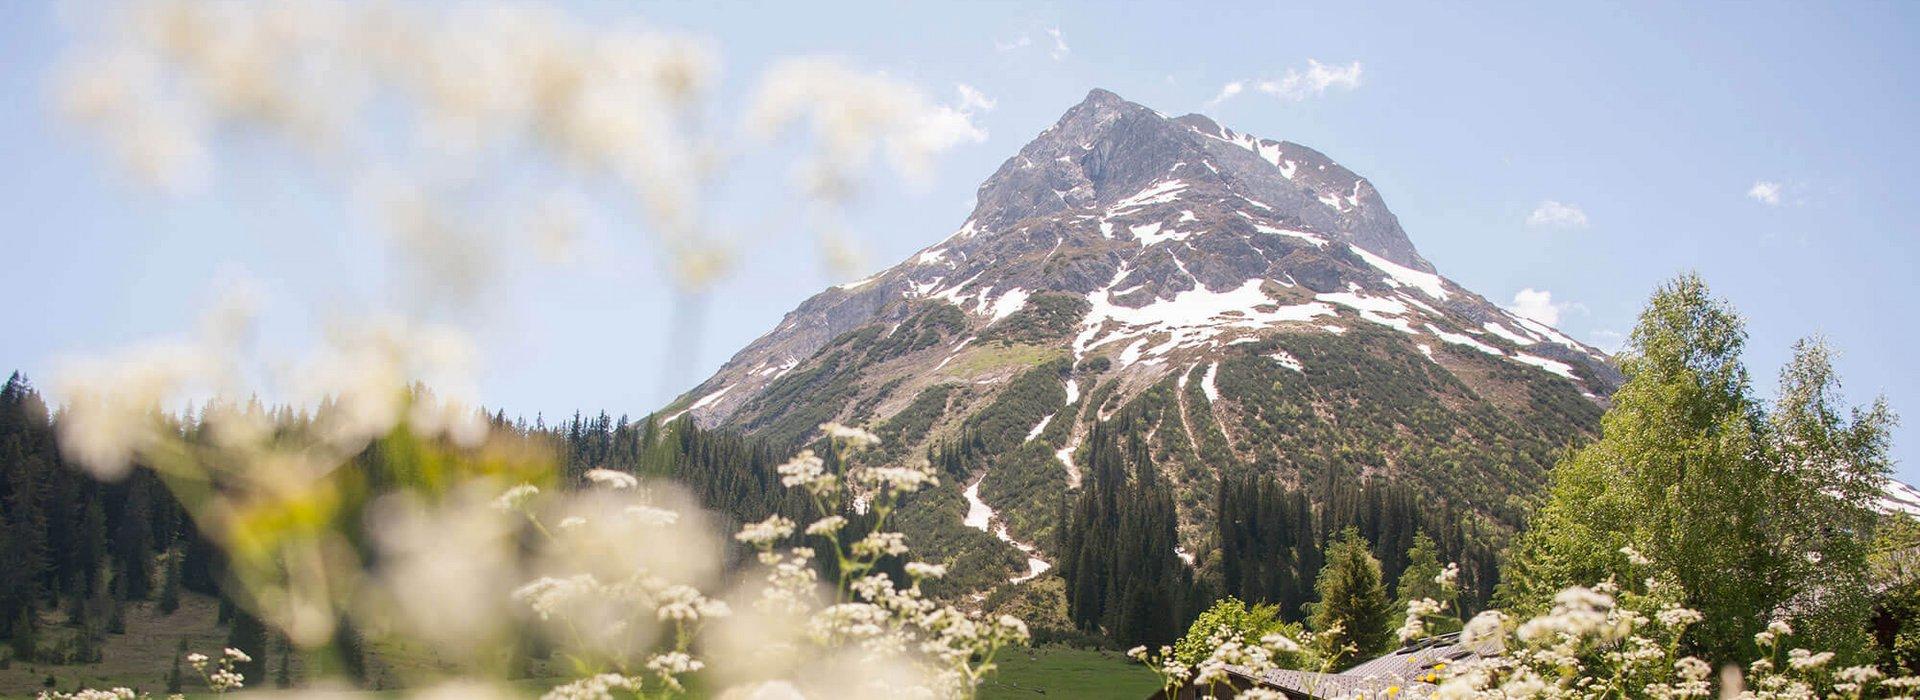 Blumenwiese vor Berg